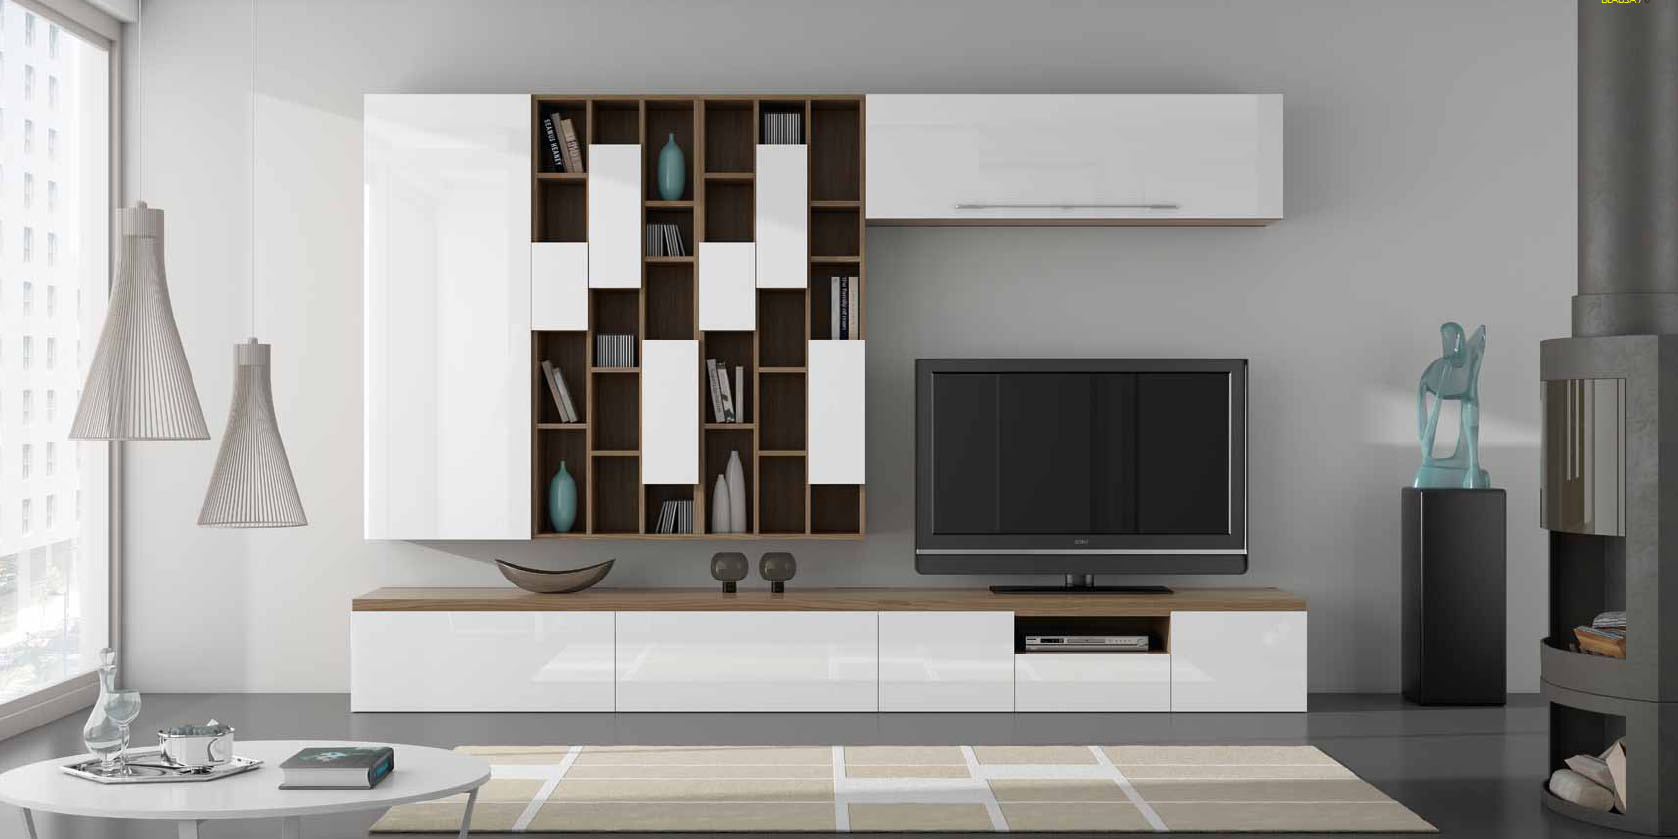 Salones con muebles lacados en blanco y madera villalba - Decoracion salon blanco y negro ...